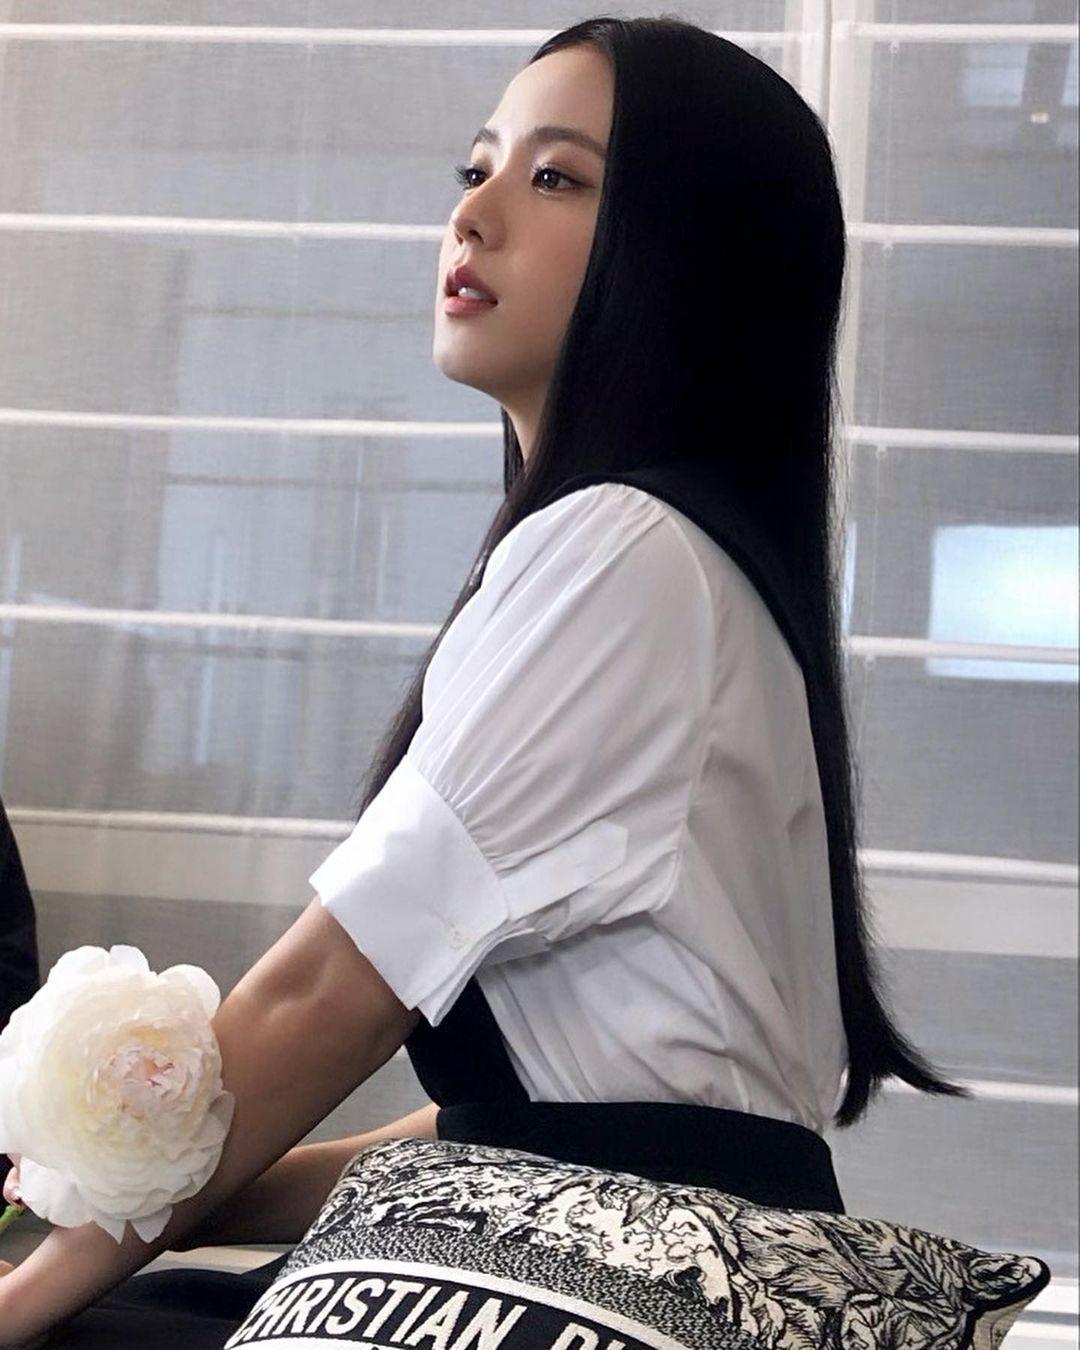 Kết hợp cùng kiểu tóc đen đơn giản rẽ ngôi giữa, nữ idol gây sốt với dung mạo yêu kiều tựa búp bê. Chỉ với những bức ảnh chụp bằng điện thoại, visual của Black Pink đã khoe được thần thái ngút ngàn.